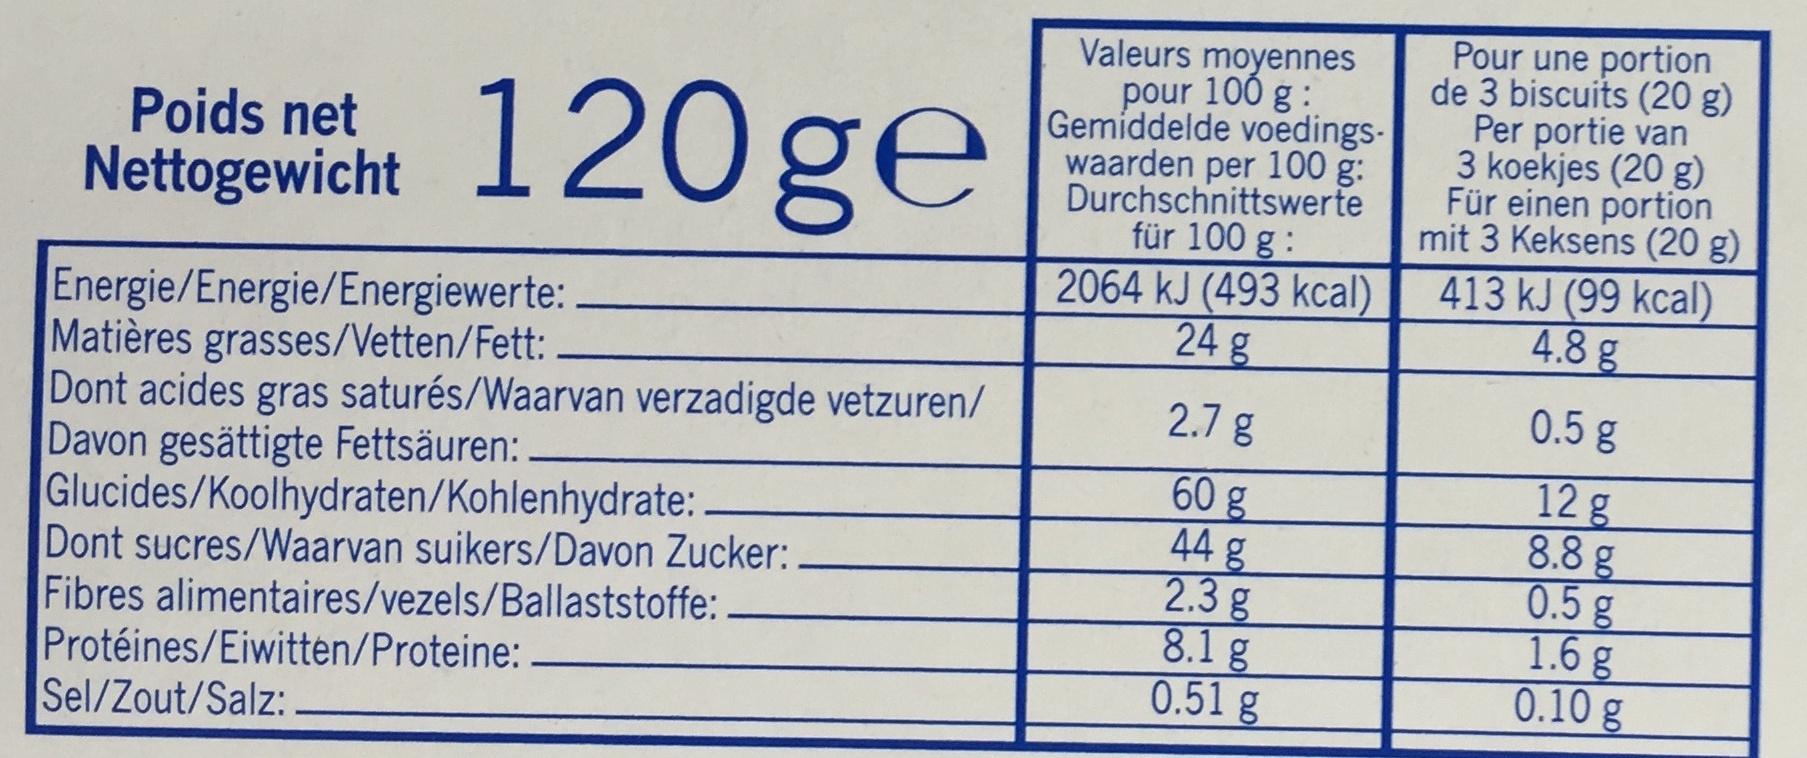 Barquettes au chocolat et aux noisettes - Informations nutritionnelles - fr